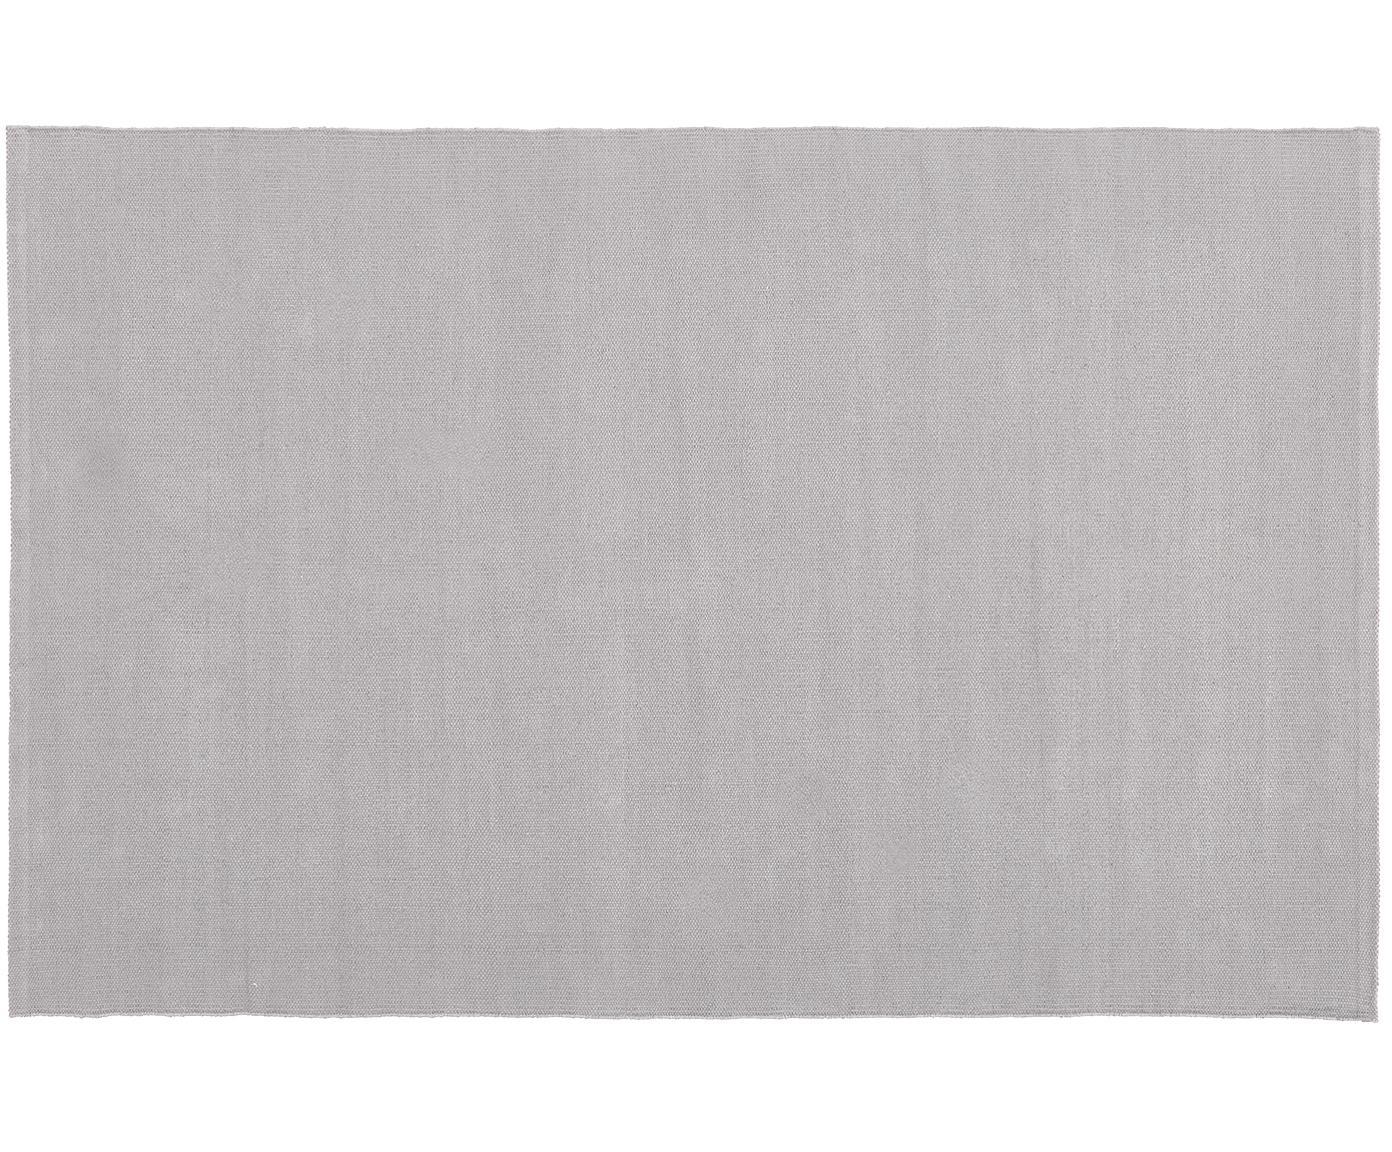 Ręcznie tkany dywan z bawełny Agneta, Bawełna, Szary, S 70 x D 140 cm